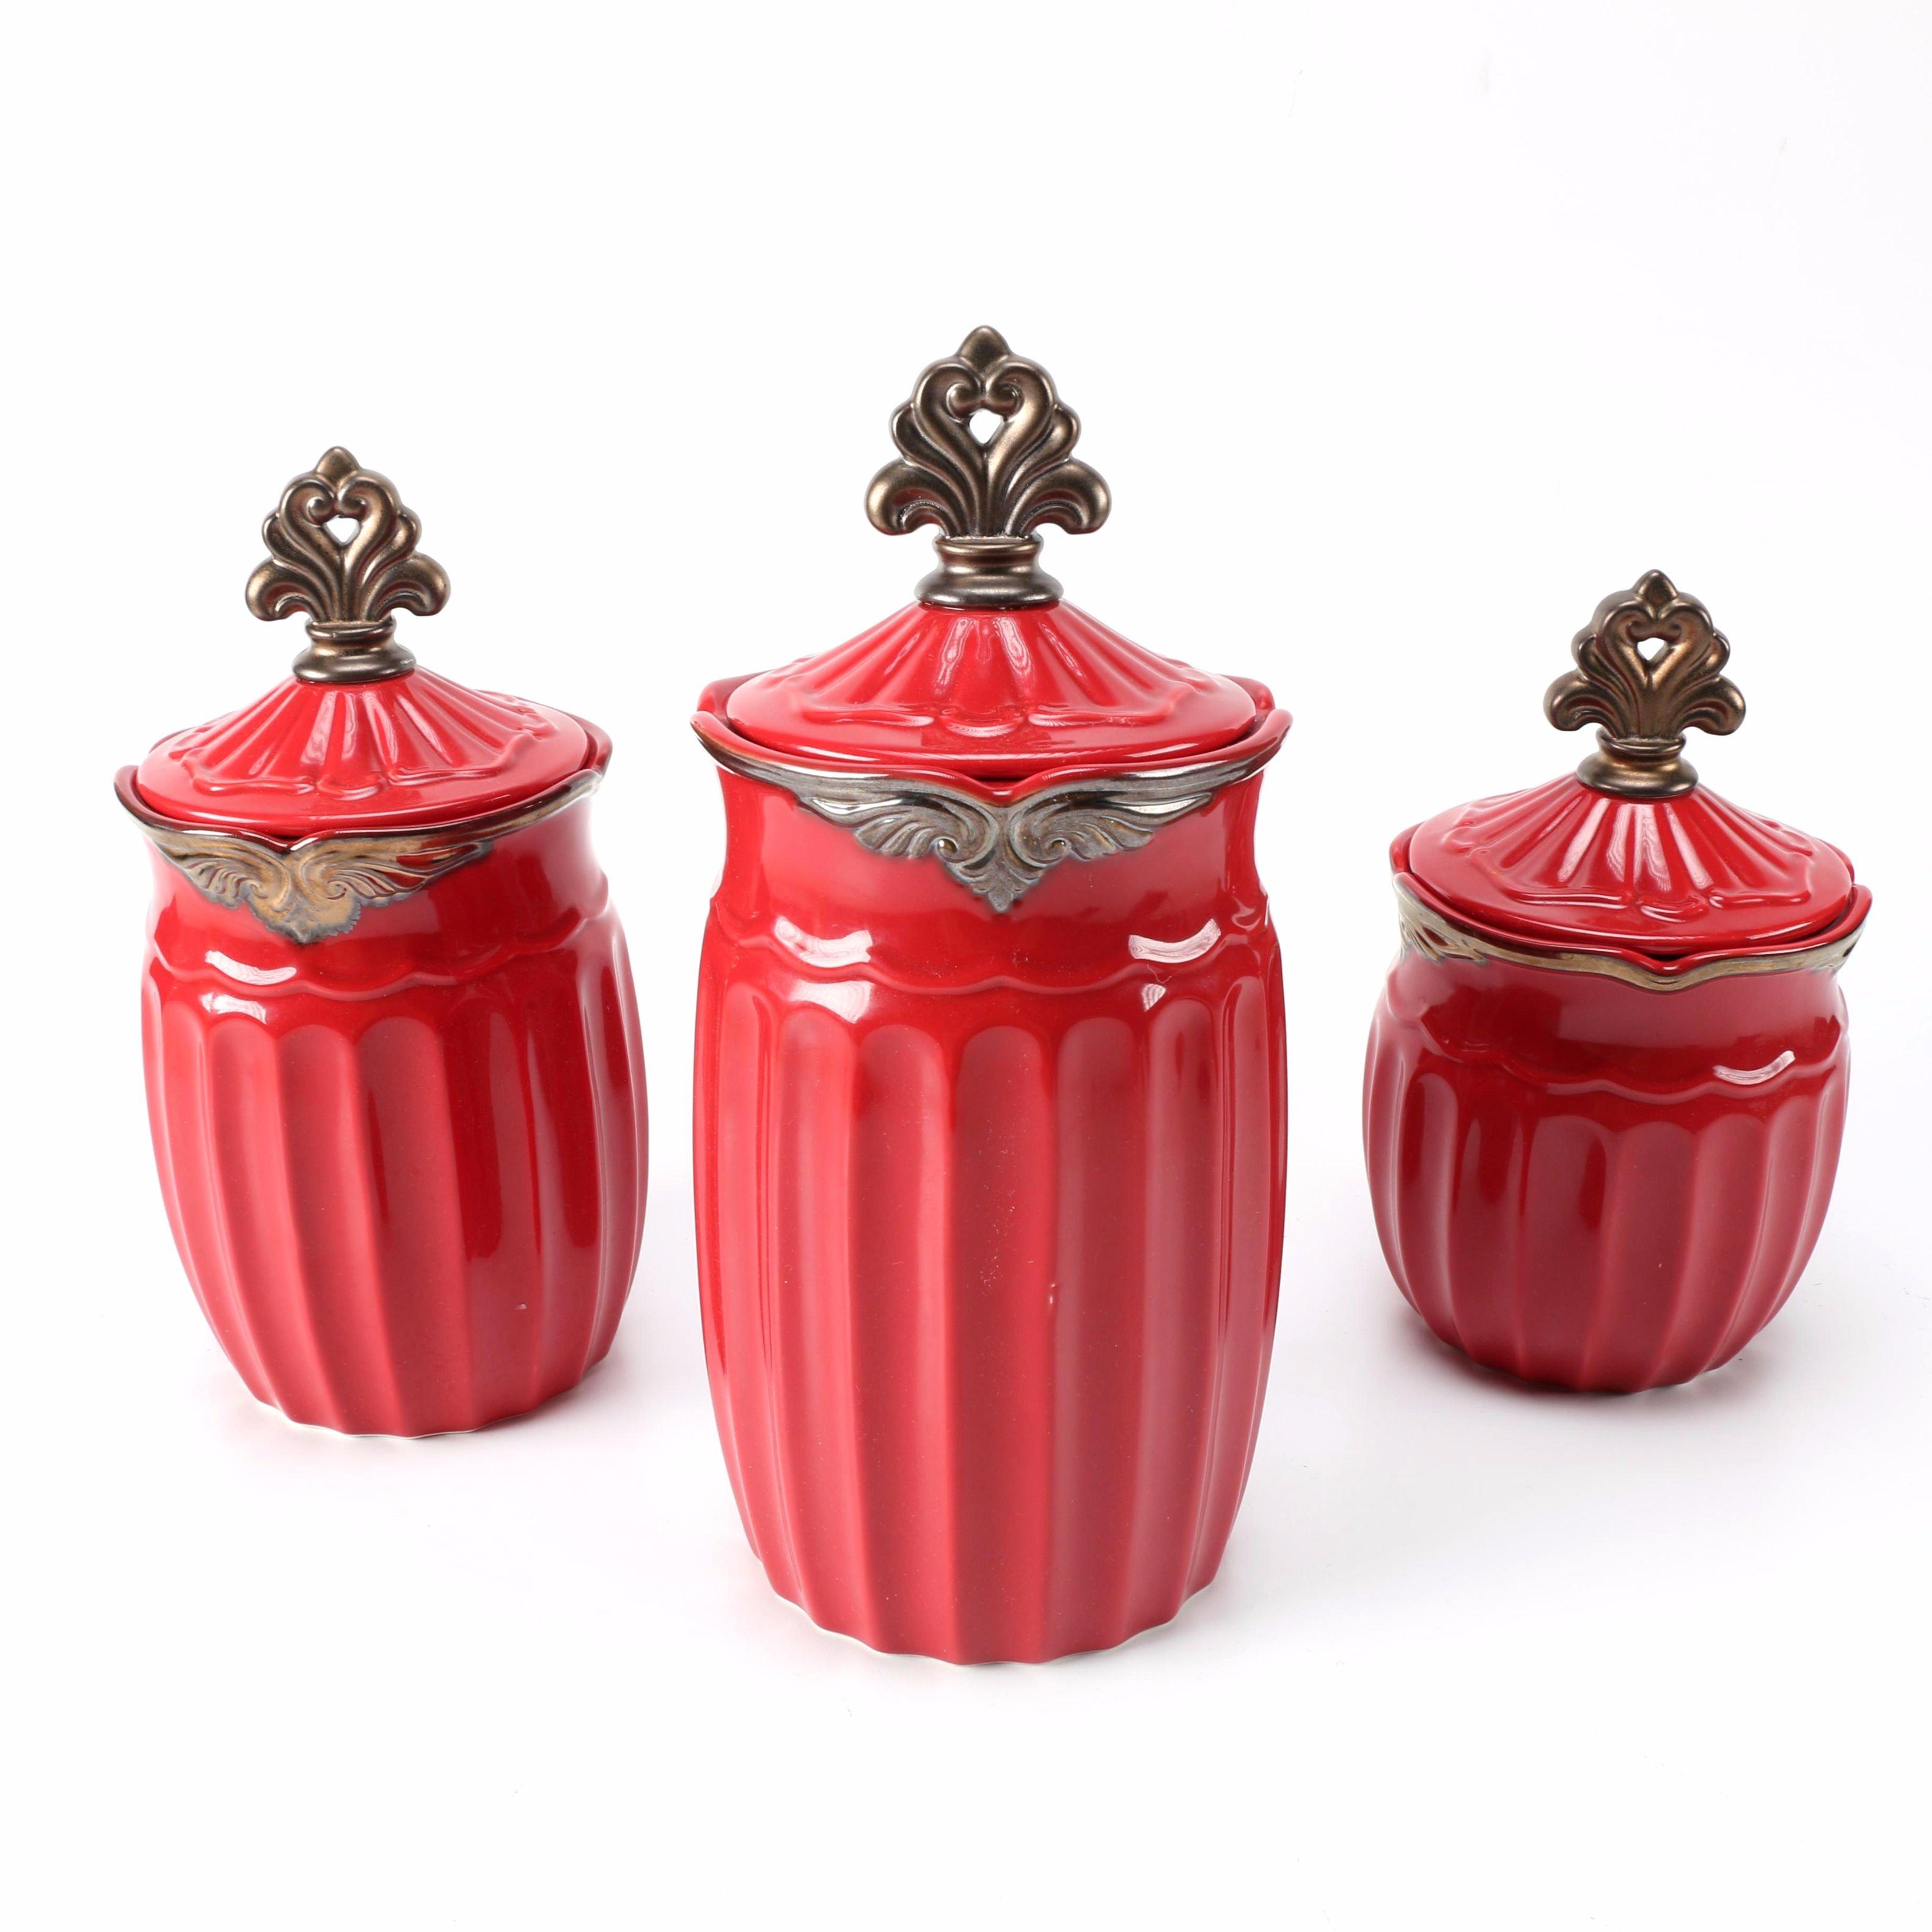 kitchen canisters red kitchen canisters red ceramic kitchen ideas